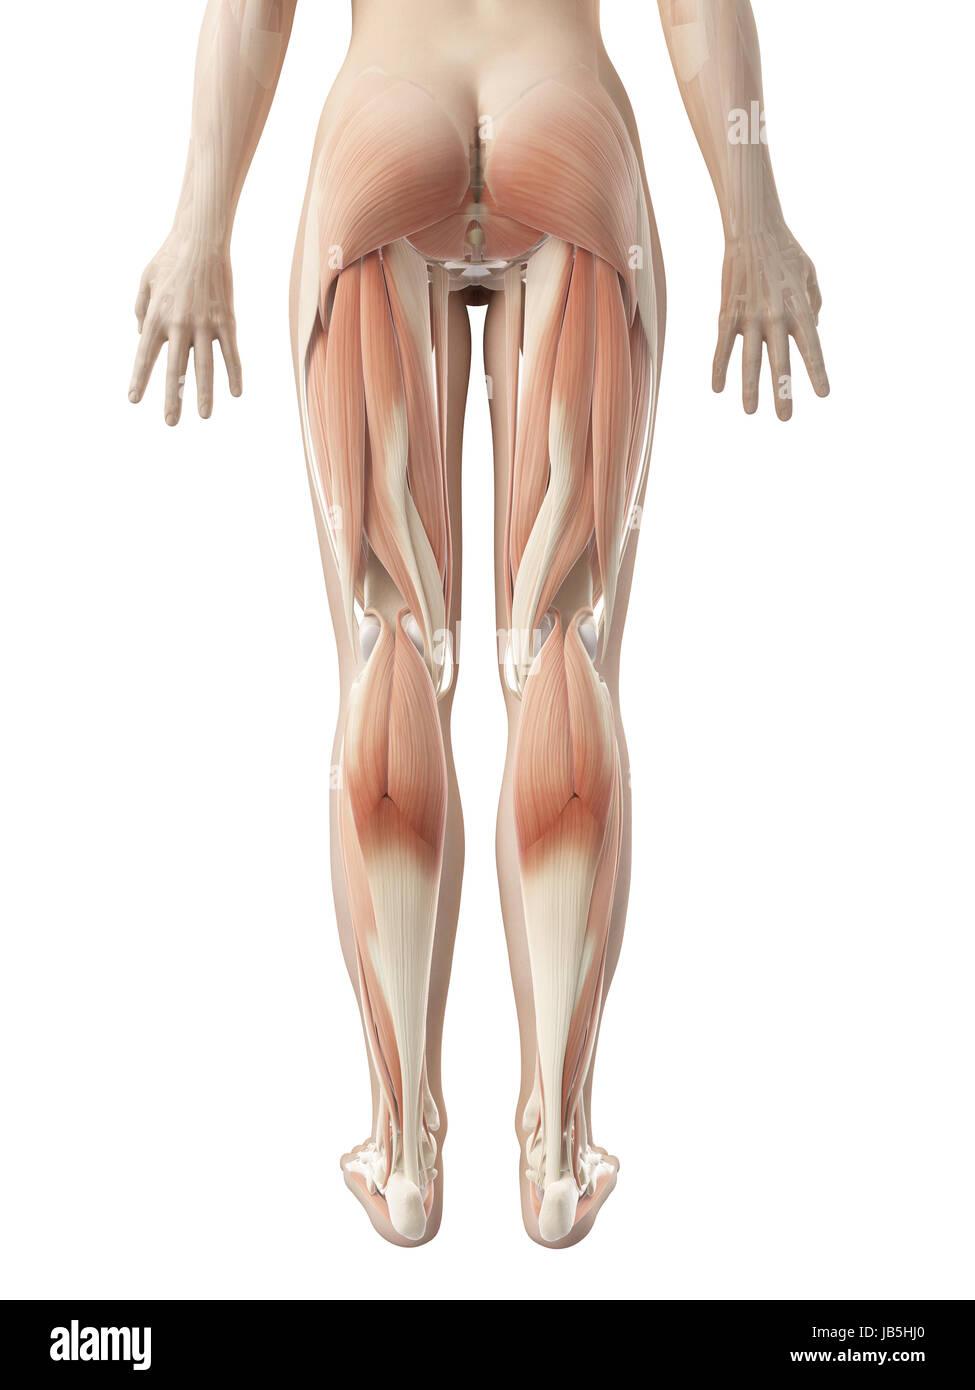 Fein Beinmuskulatur Diagramm Zeitgenössisch - Menschliche Anatomie ...